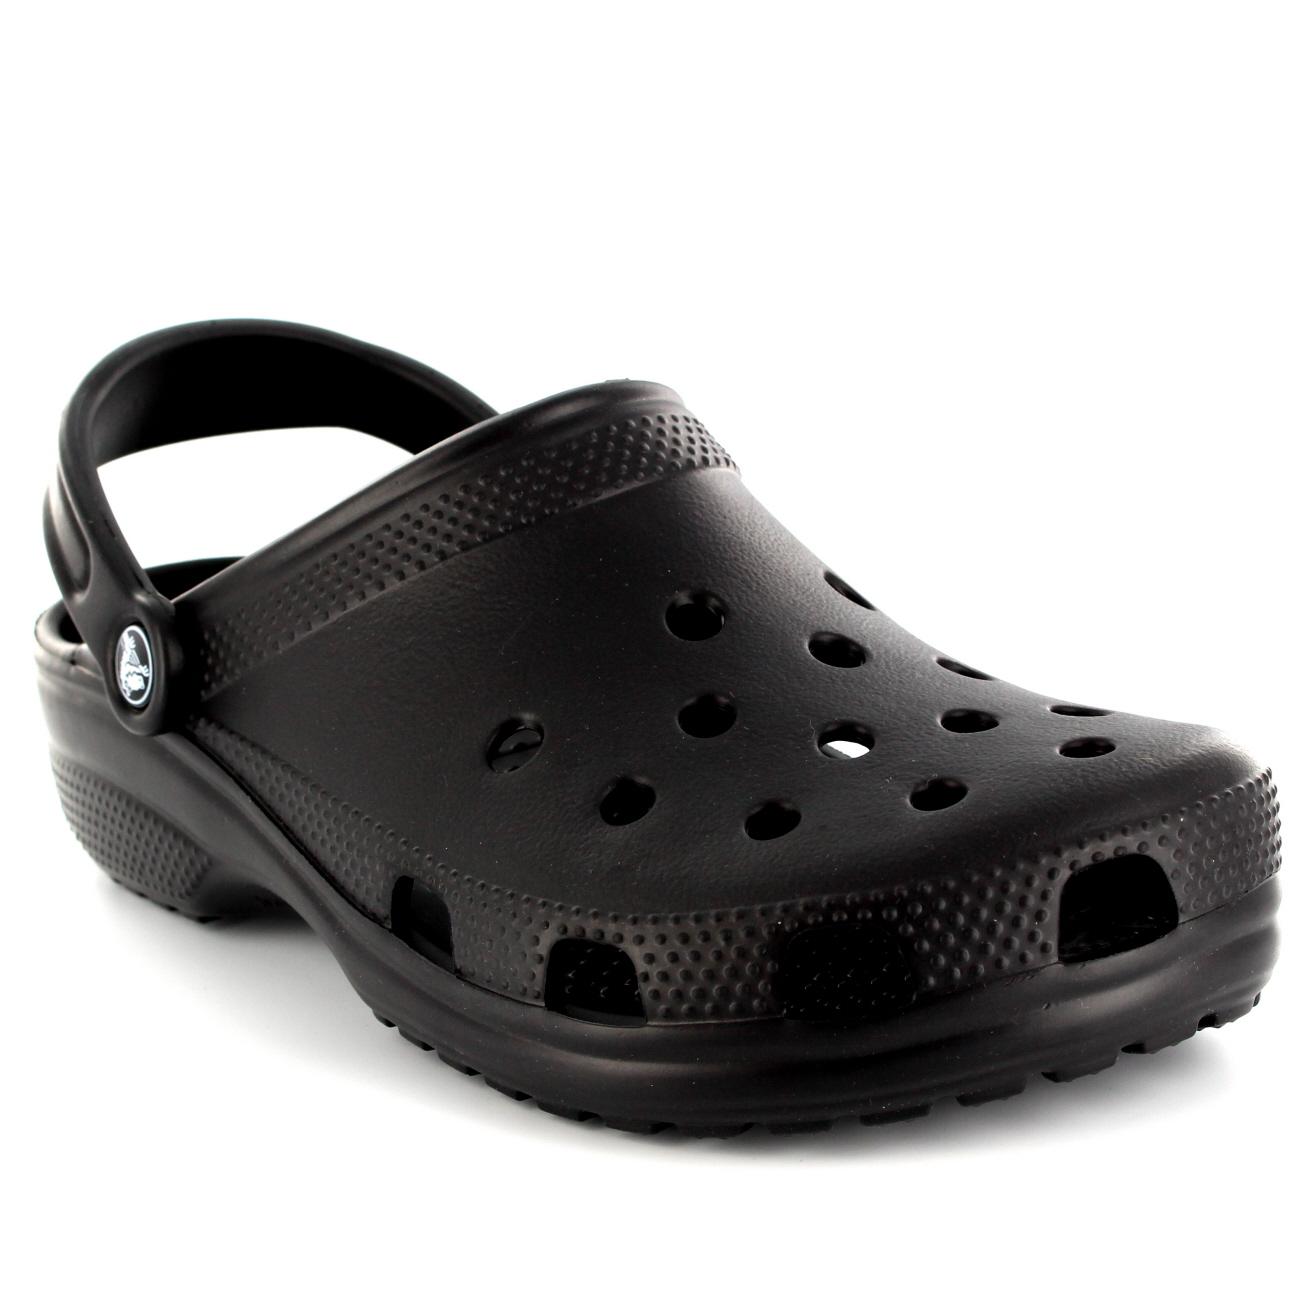 Crocs Classic AKA Cay